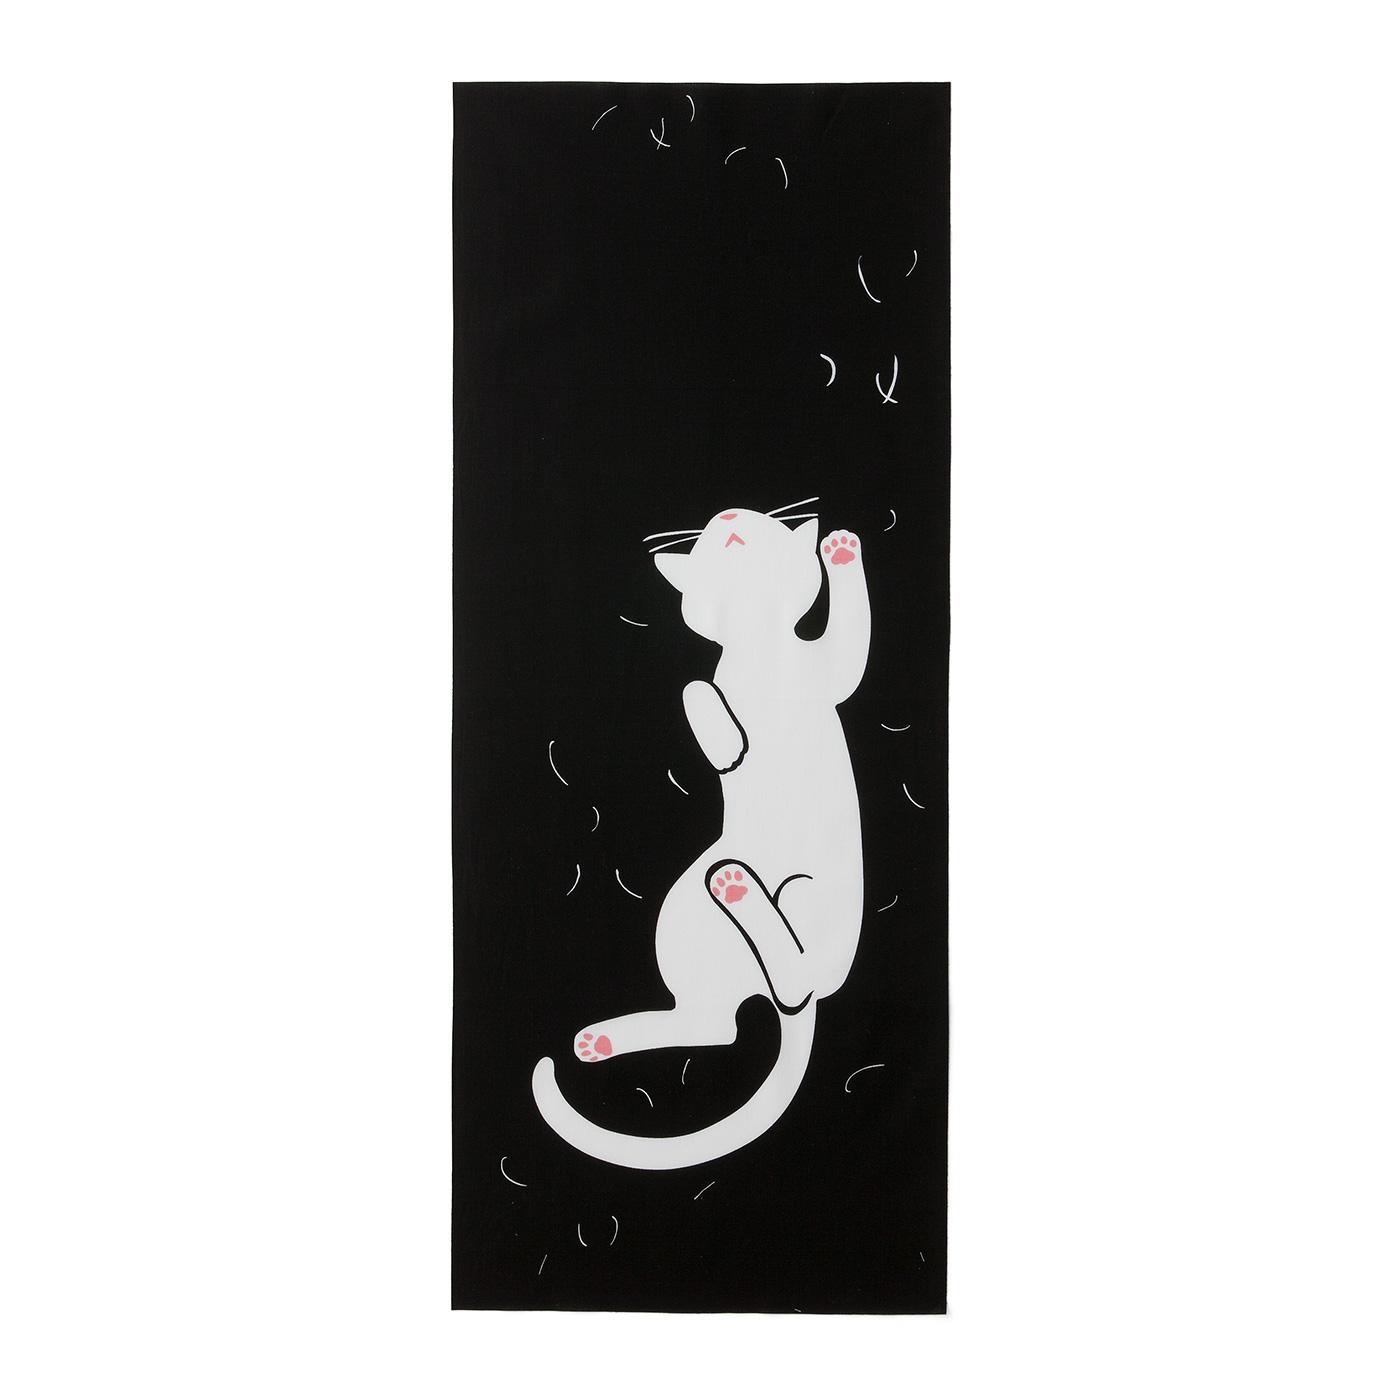 【2】「ZZZ…」 by ほゆたさん 月に一度は動物園へ行く動物好き。動物たちのかわいさ、かっこよさを伝えられたらと絵を描いています。